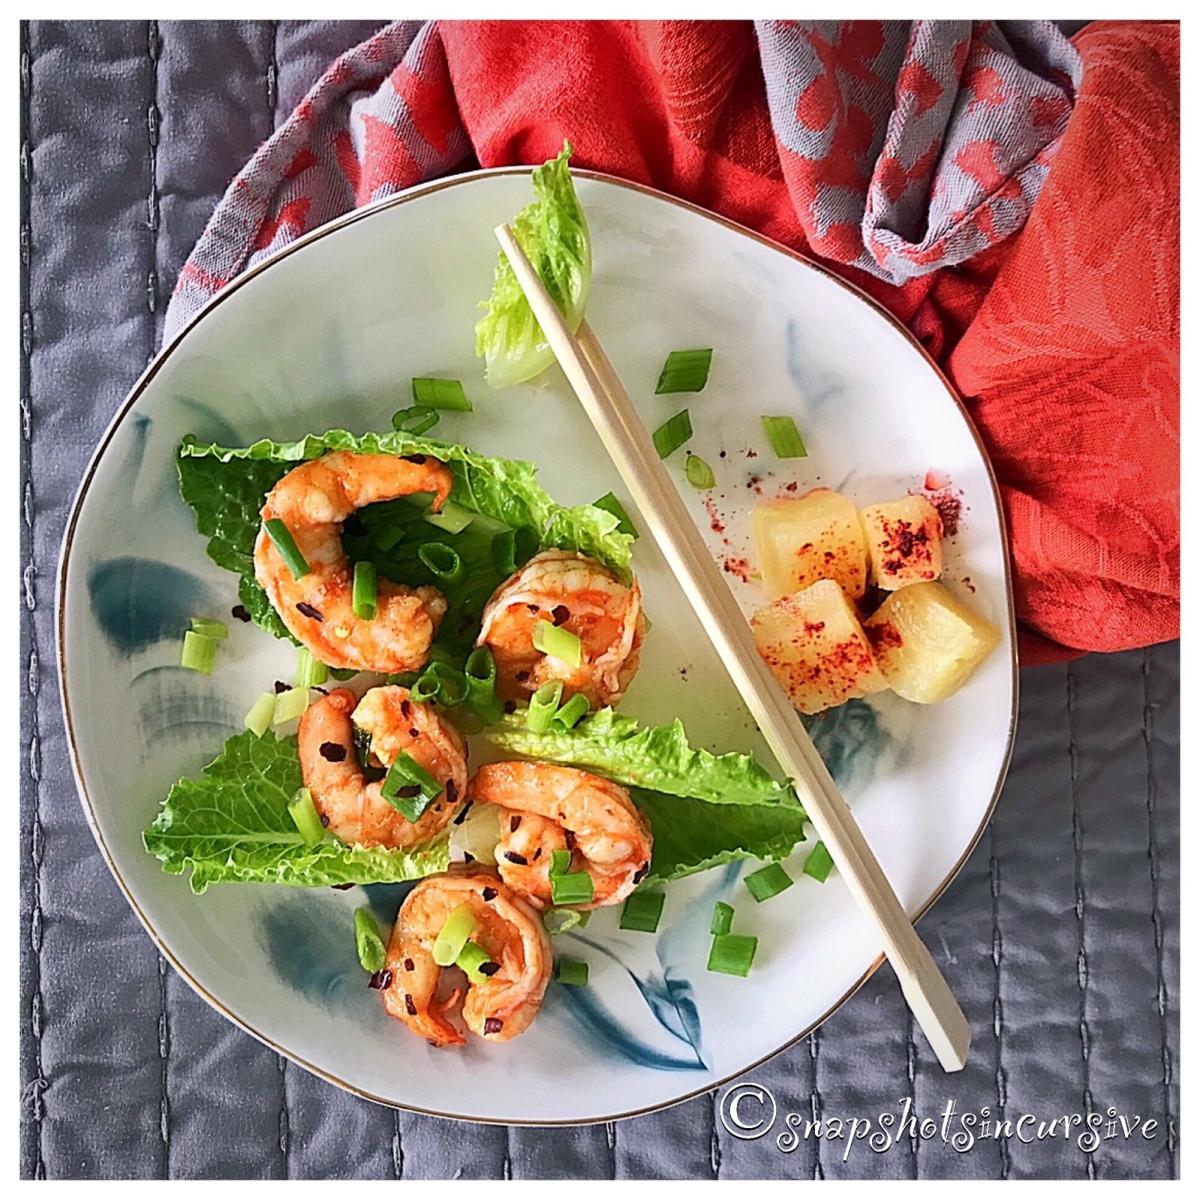 Green Kitchen Kimchi: Snapshotsincursive